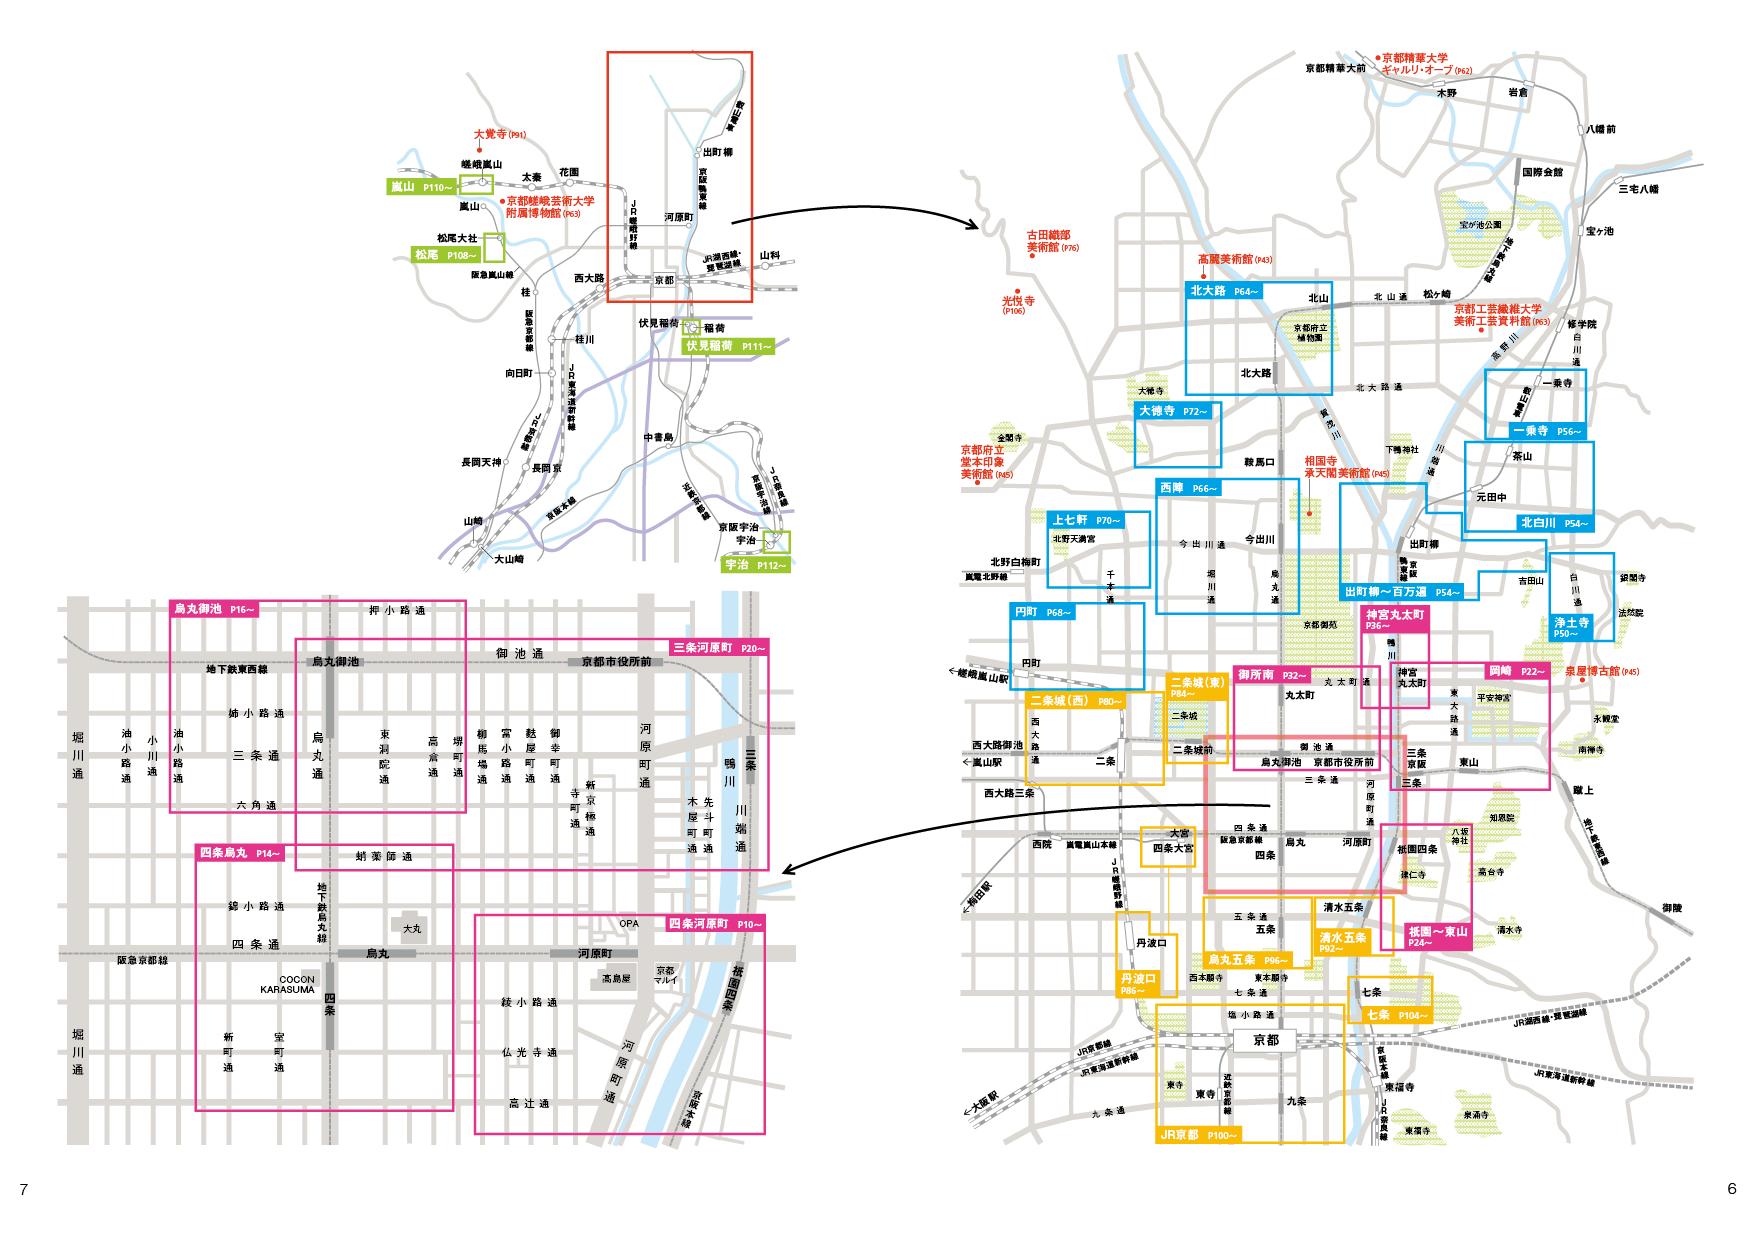 京都アート&カルチャーMAP_c0141005_14163573.png